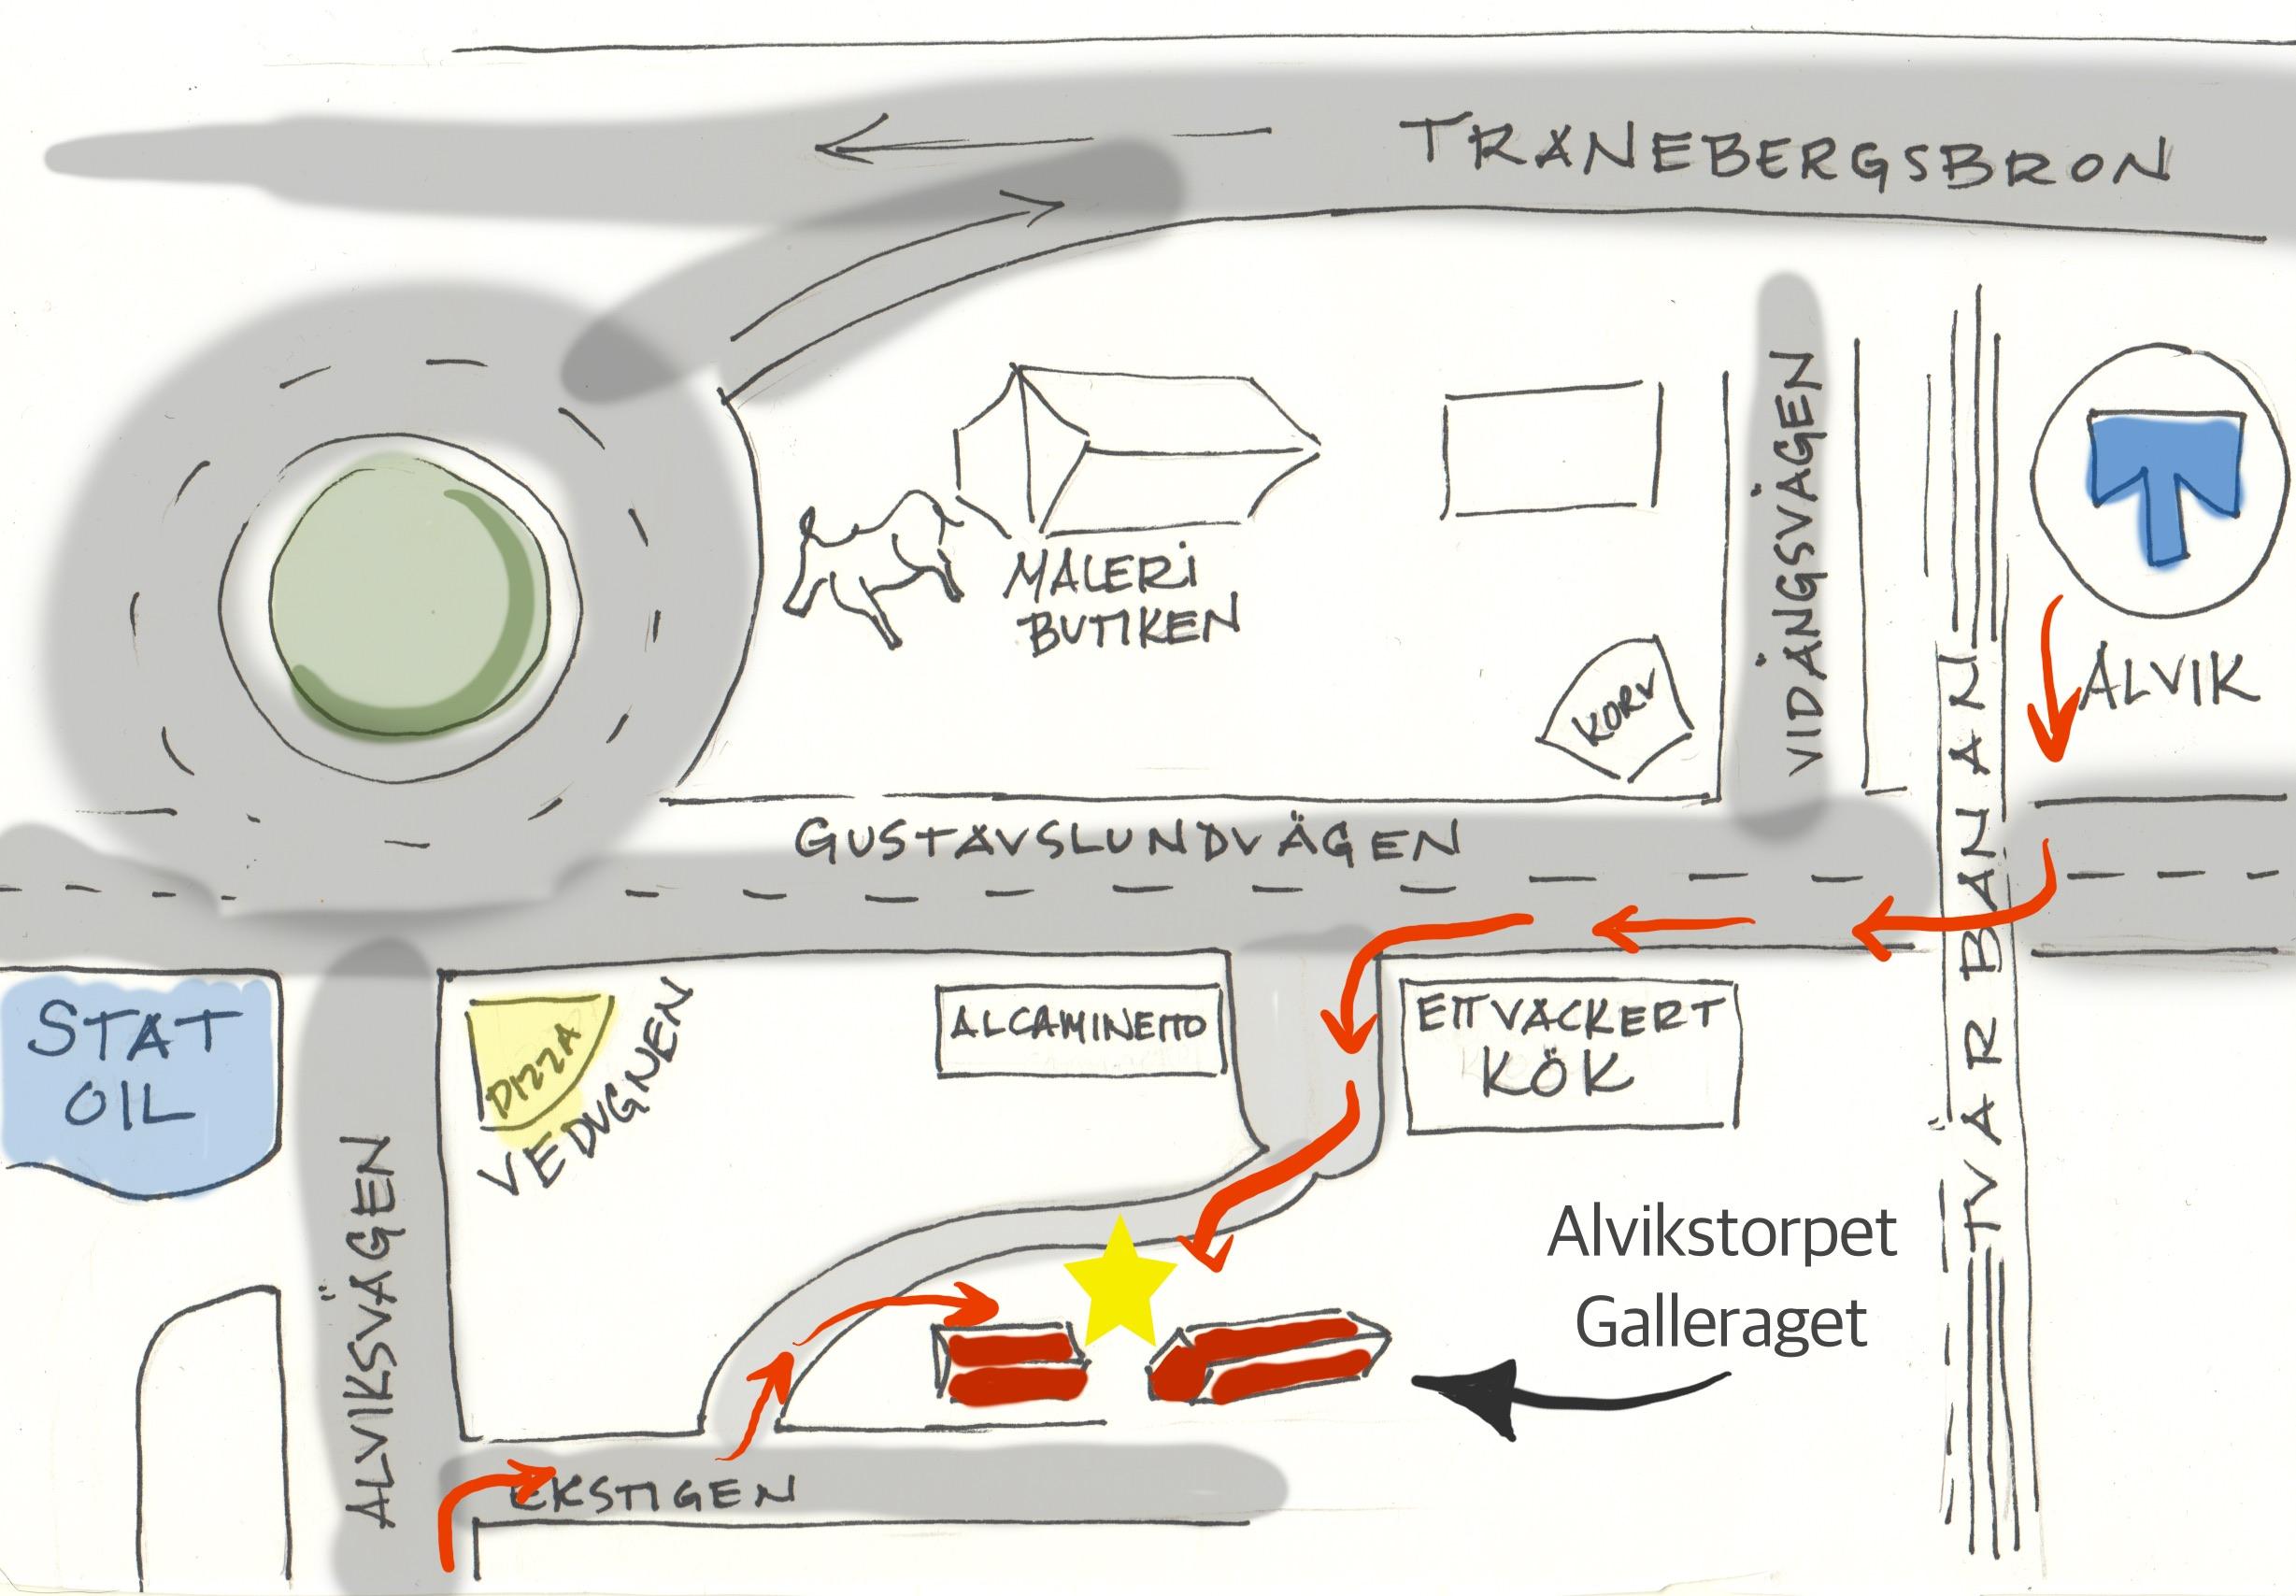 hitta bdsm liten nära Stockholm